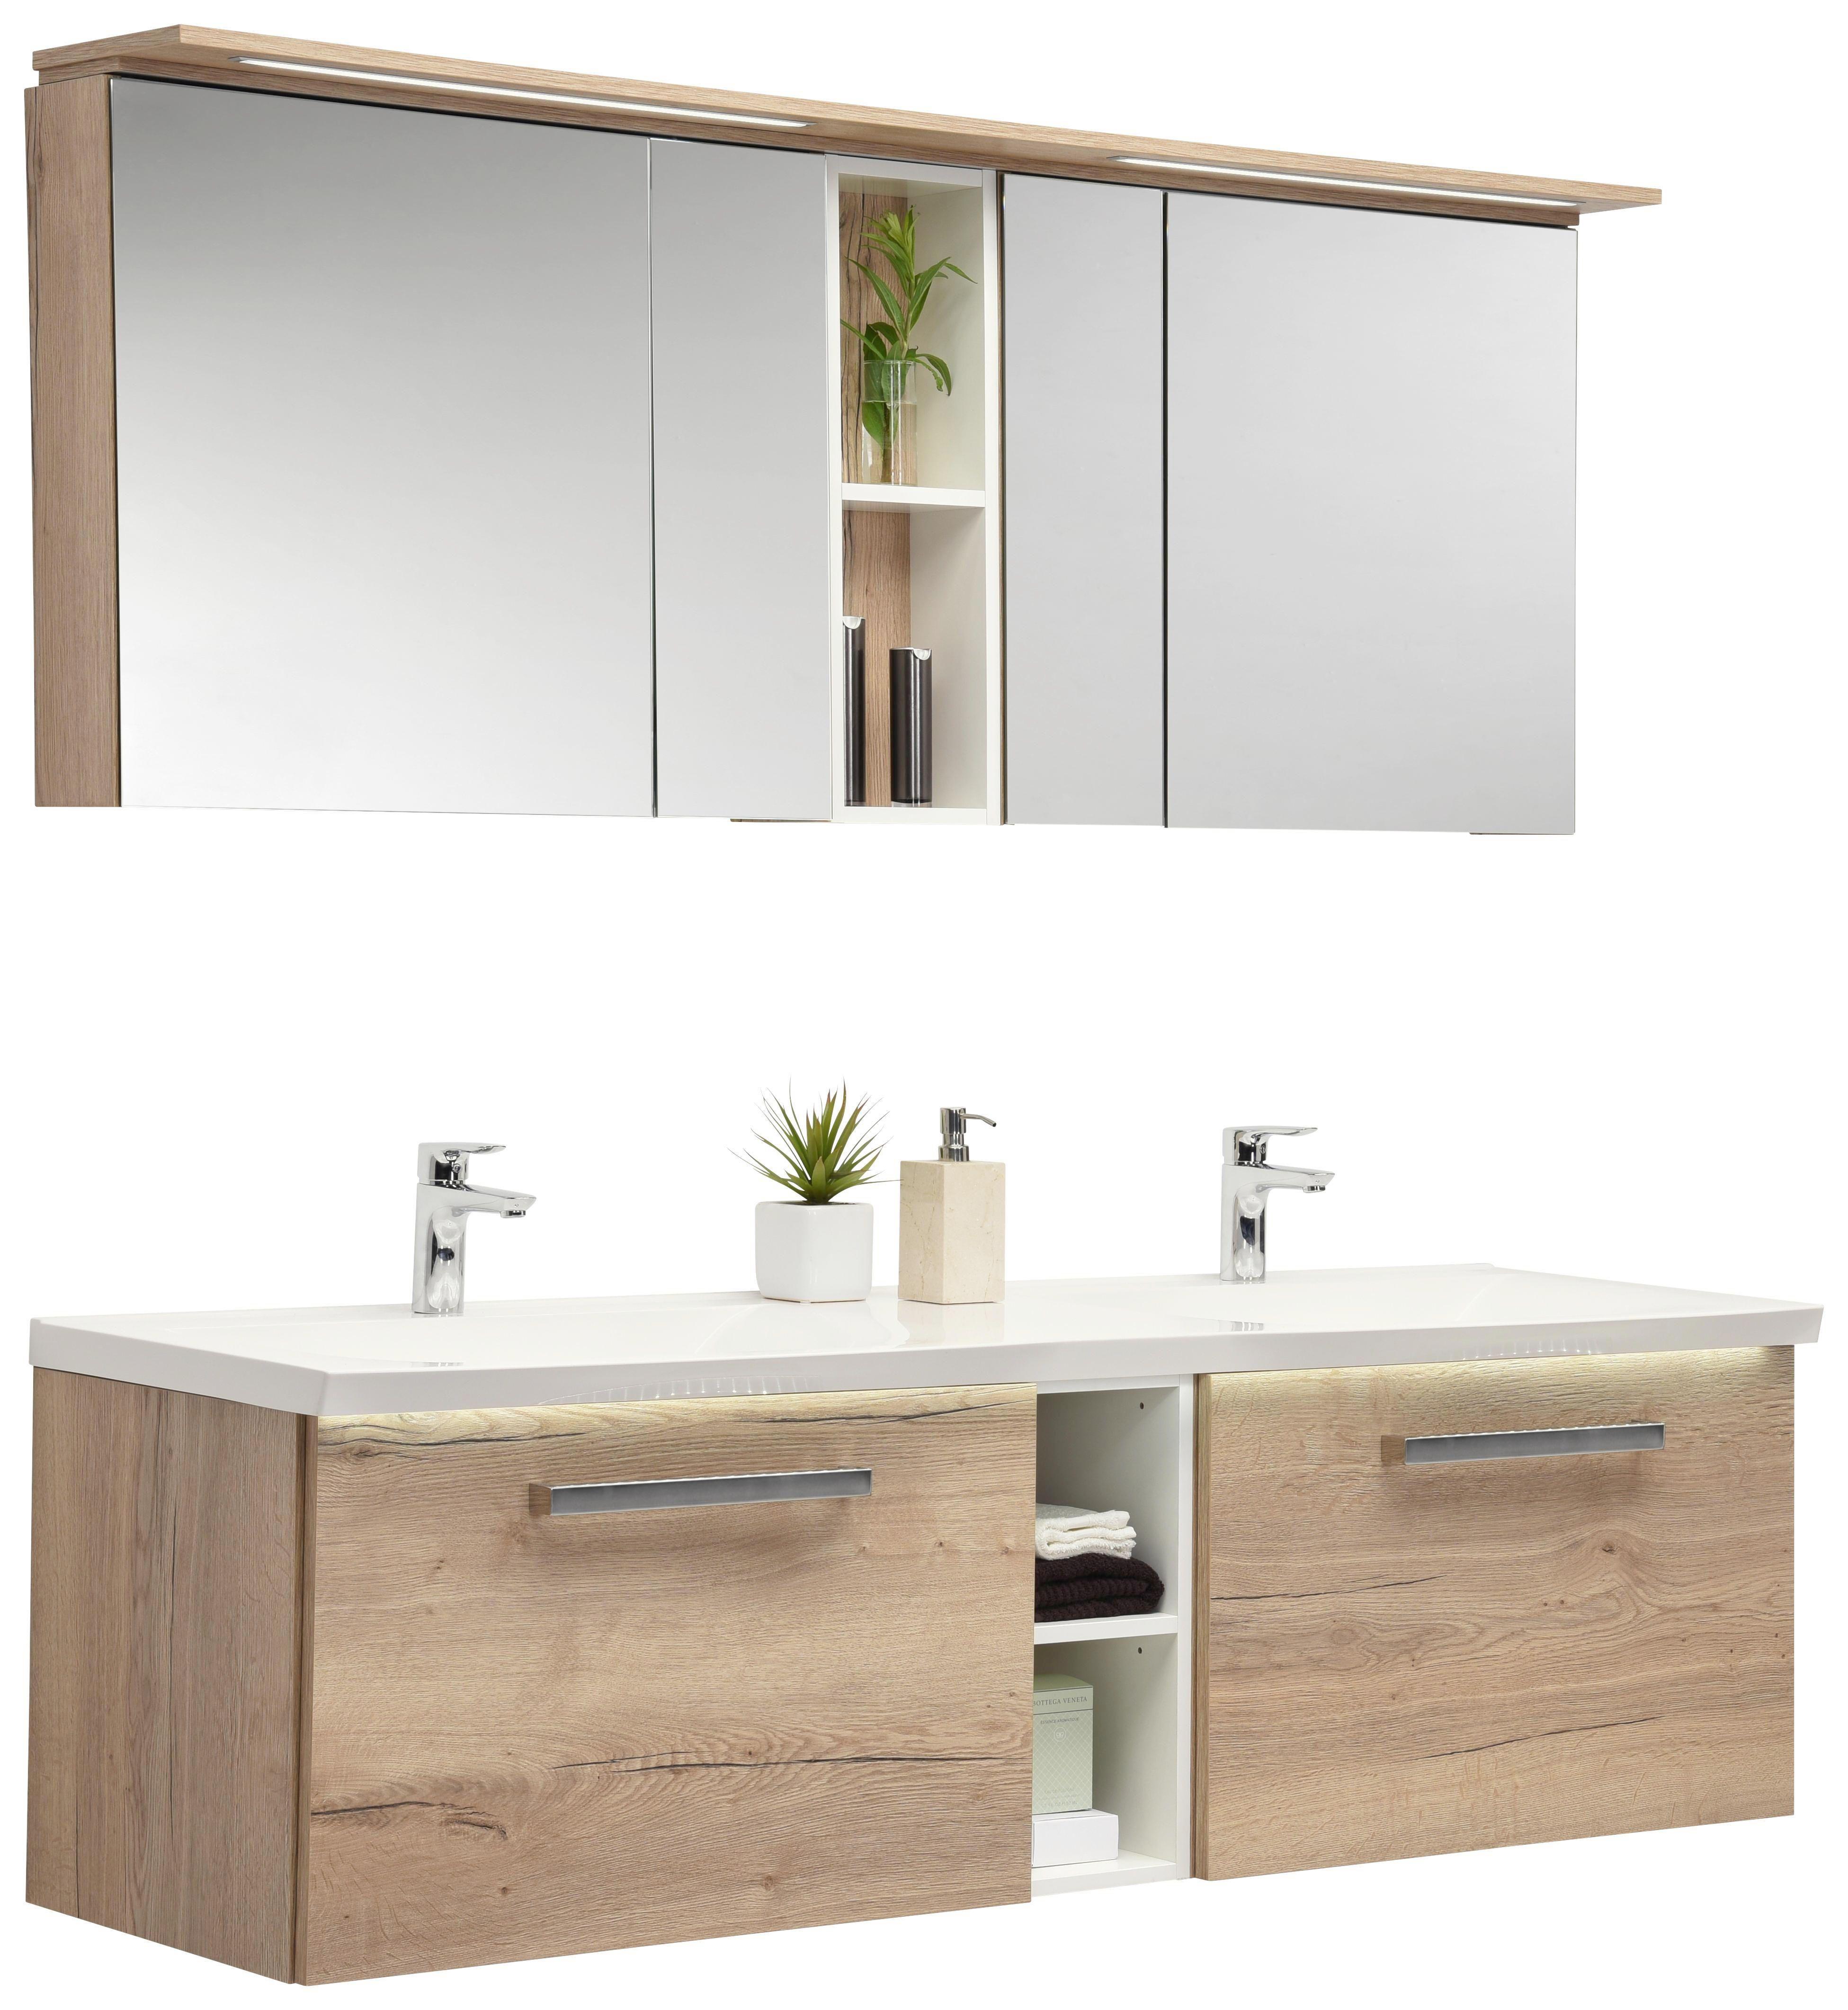 Dieses B Badmobel Set B Mit Doppelwaschtisch Breite Ca 170 Cm Und Spiegelschrank Ist Ein Absolutes Multitalen Badezimmer Doppelwaschtisch Spiegelschrank